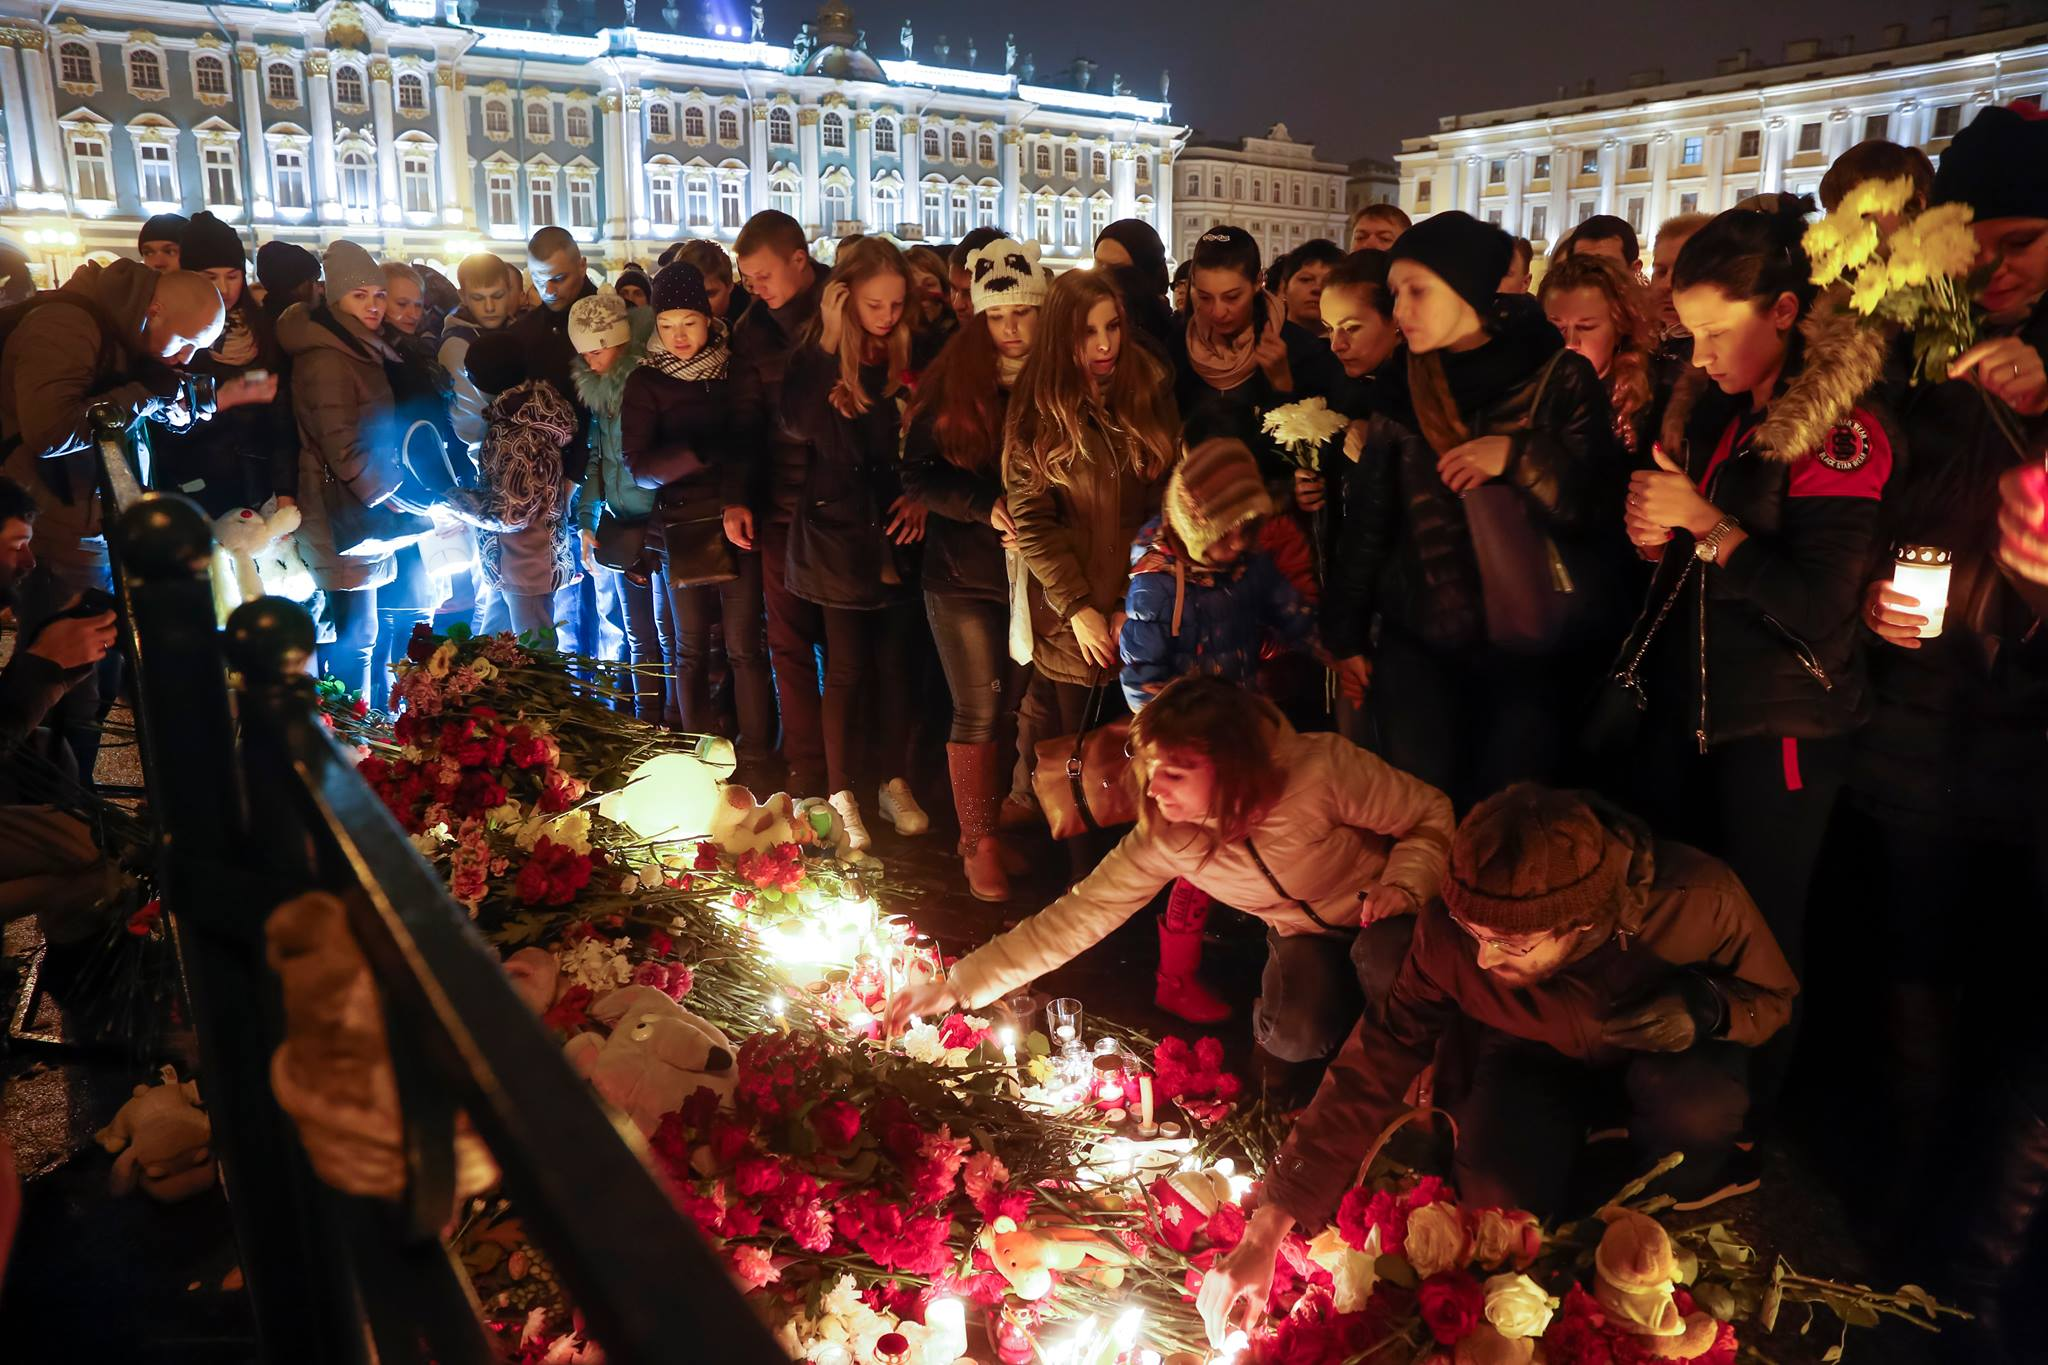 Prvými obeťami nekompromisného boja Ruska s teroristami z Islamského štátu sú nevinní cestujúci Airbusu A 321. V centre Petrohradu za nimi smútia ich blízki a ďalší obyvatelia mesta. (Foto: archív)